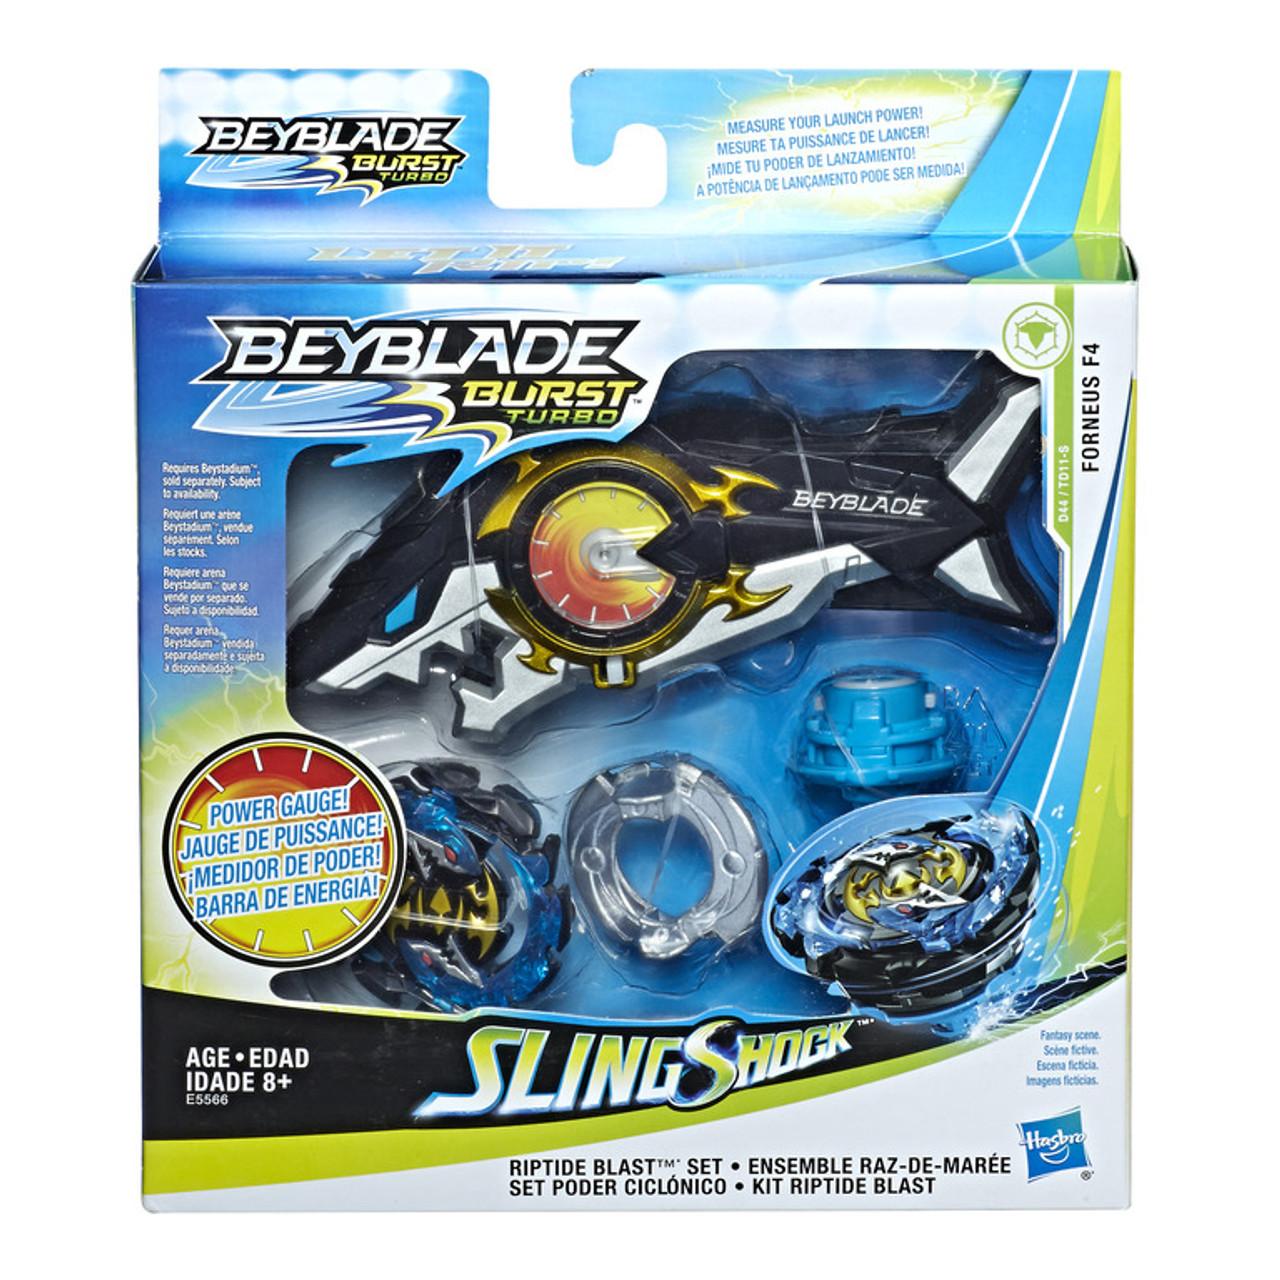 Beyblade Burst Turbo Slingshock Riptide Blast Set | E5566